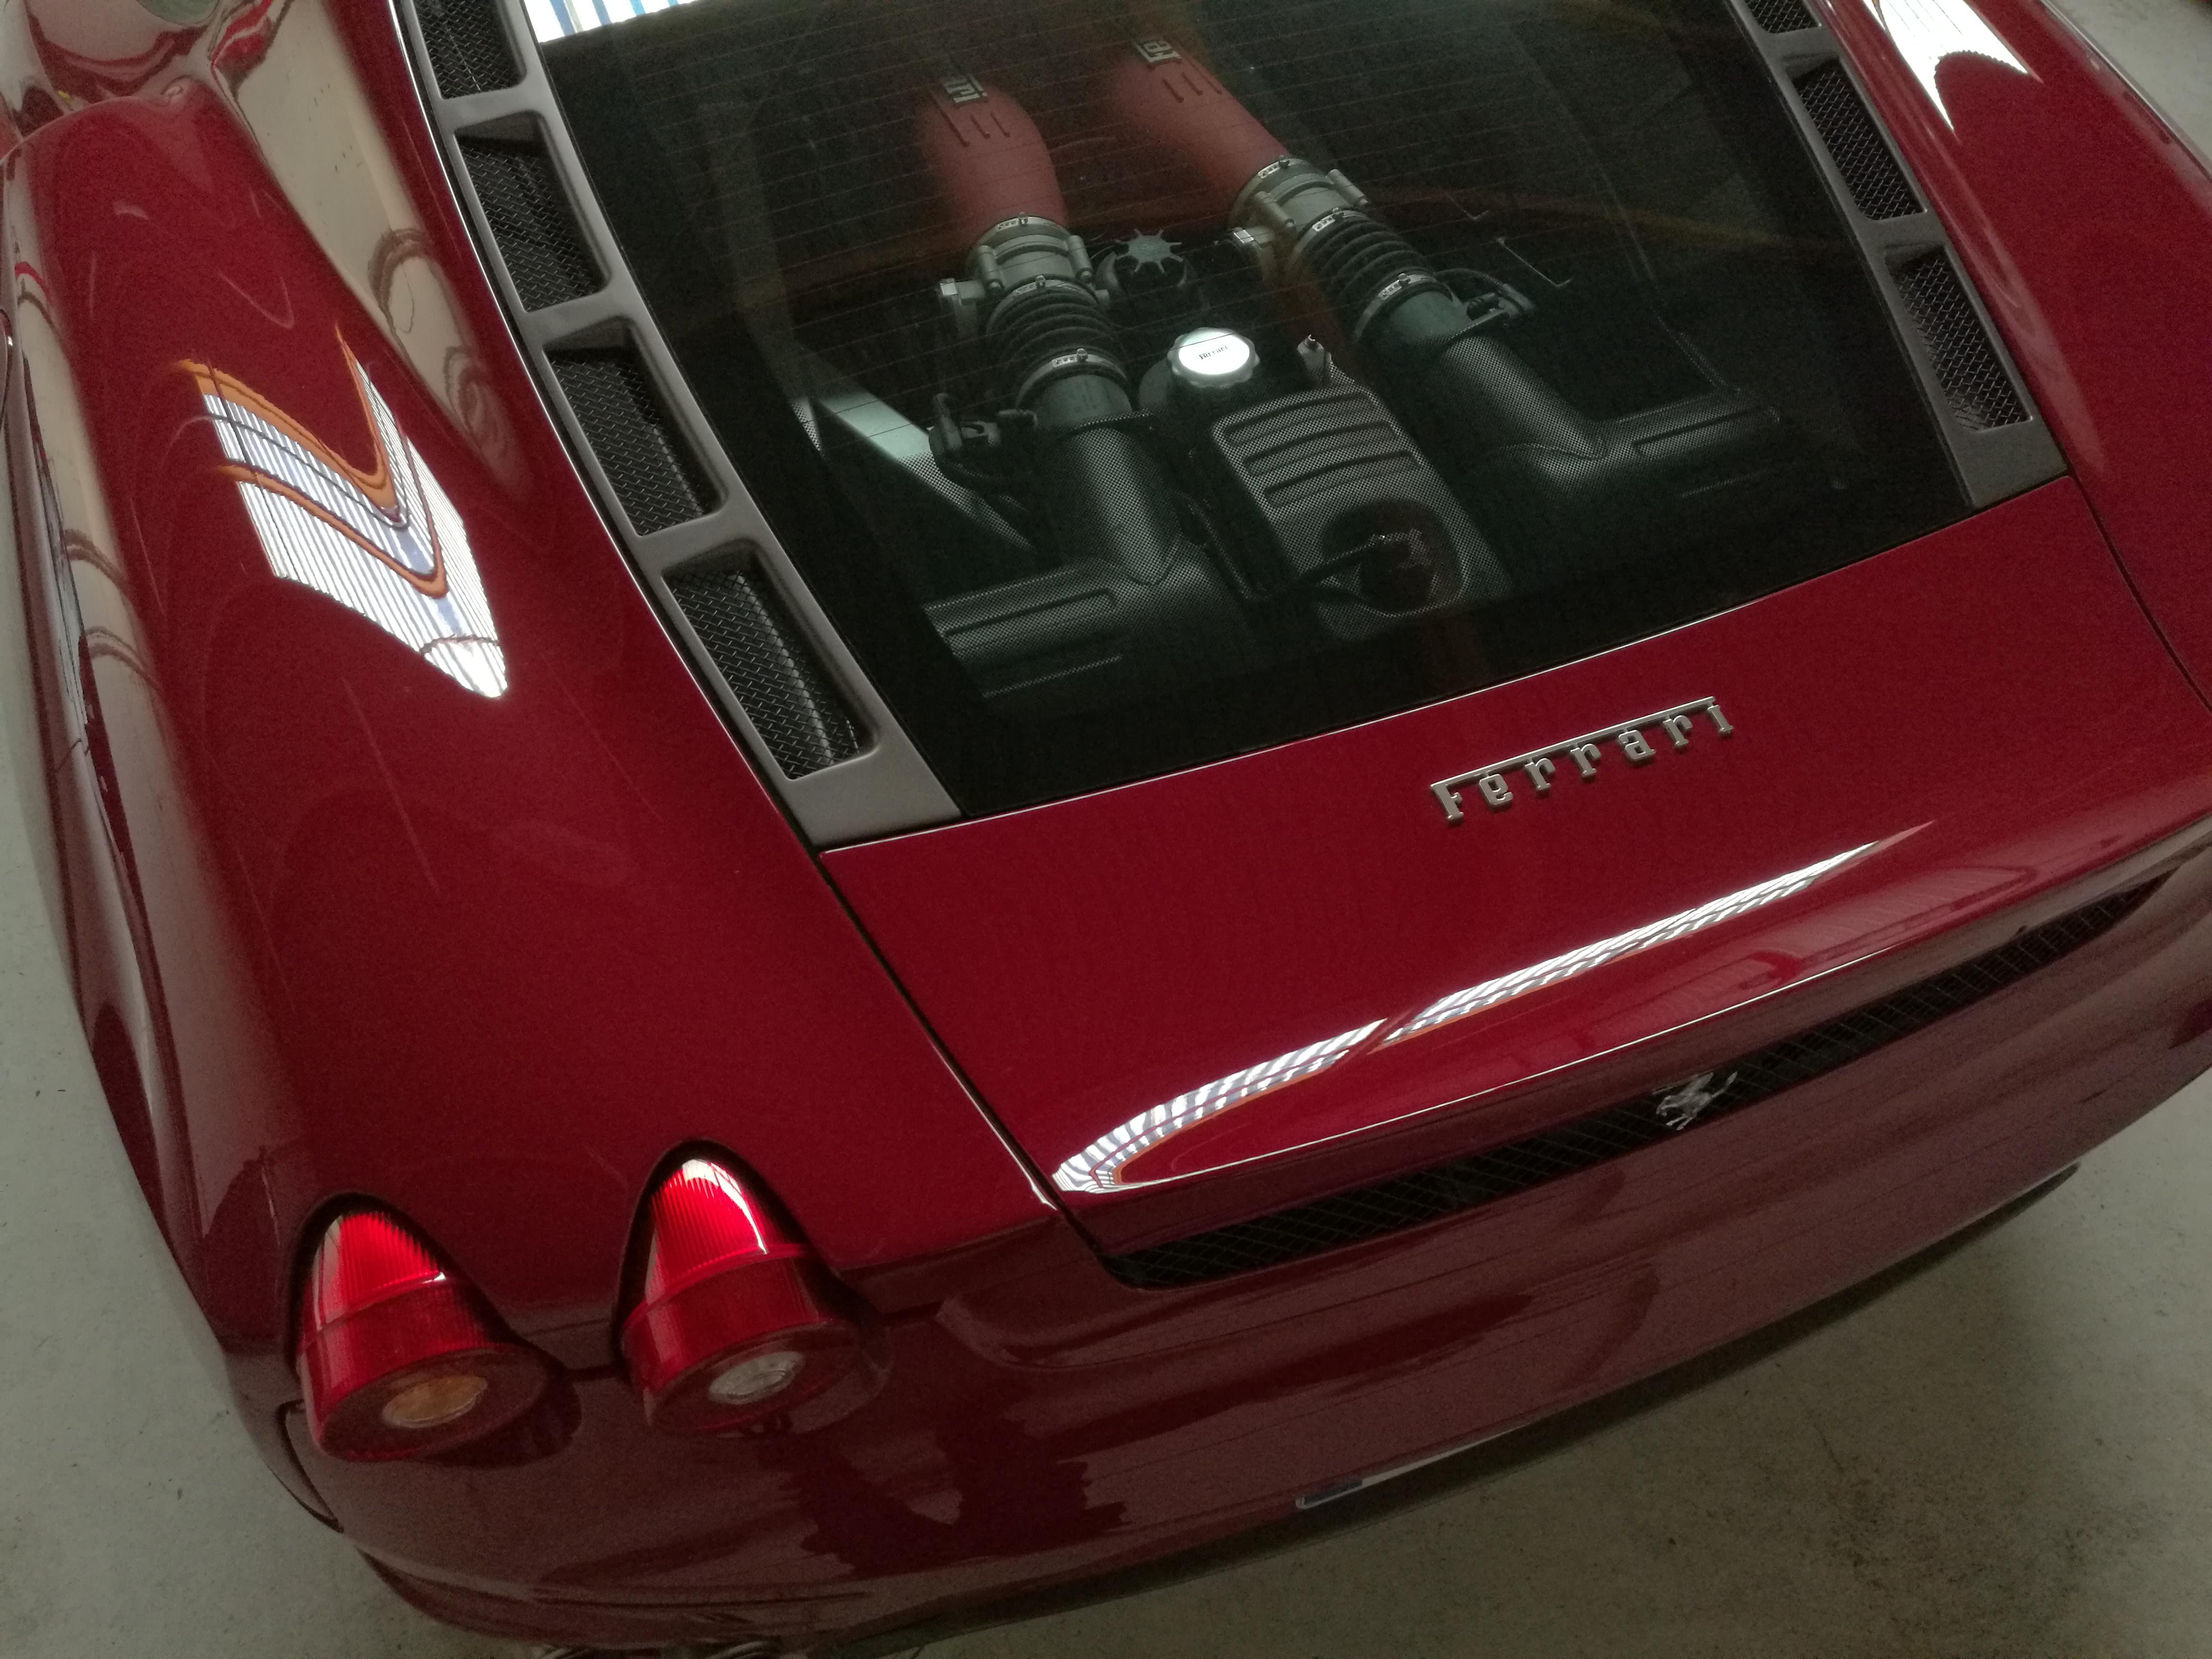 Professionnel detailing - traitement ceramique Kamikaze haut de gamme supercar Ferrari F430 Sarthe 7